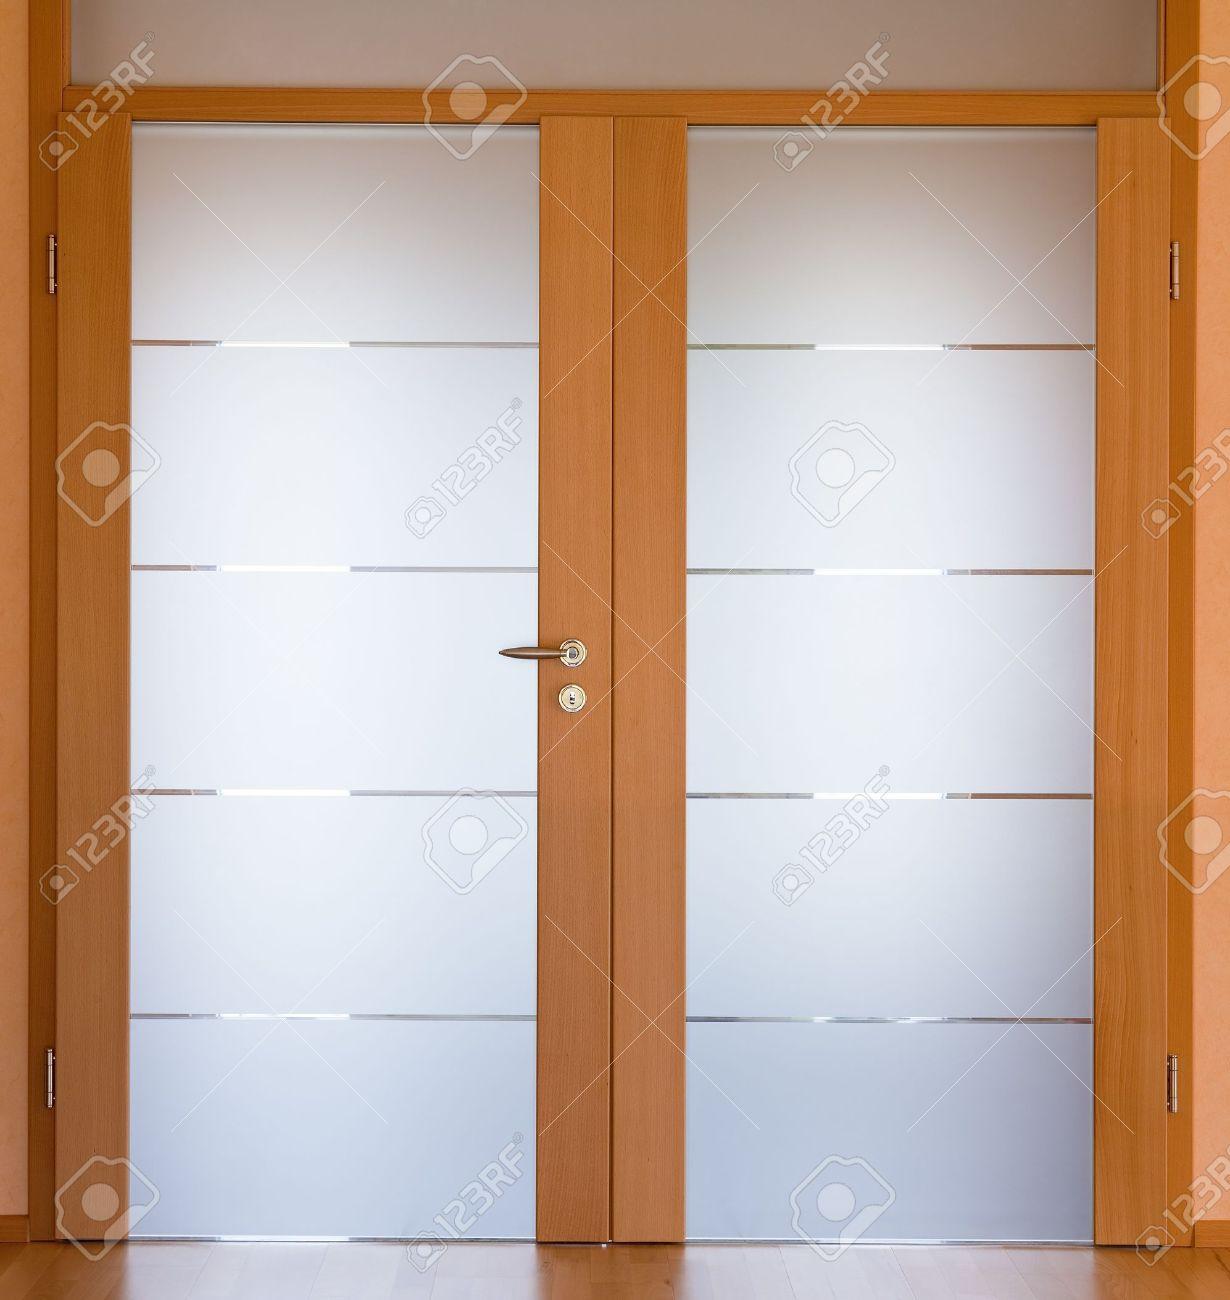 Blick Auf Einen Modernen Wohnzimmer Tür Standard Bild   14192386